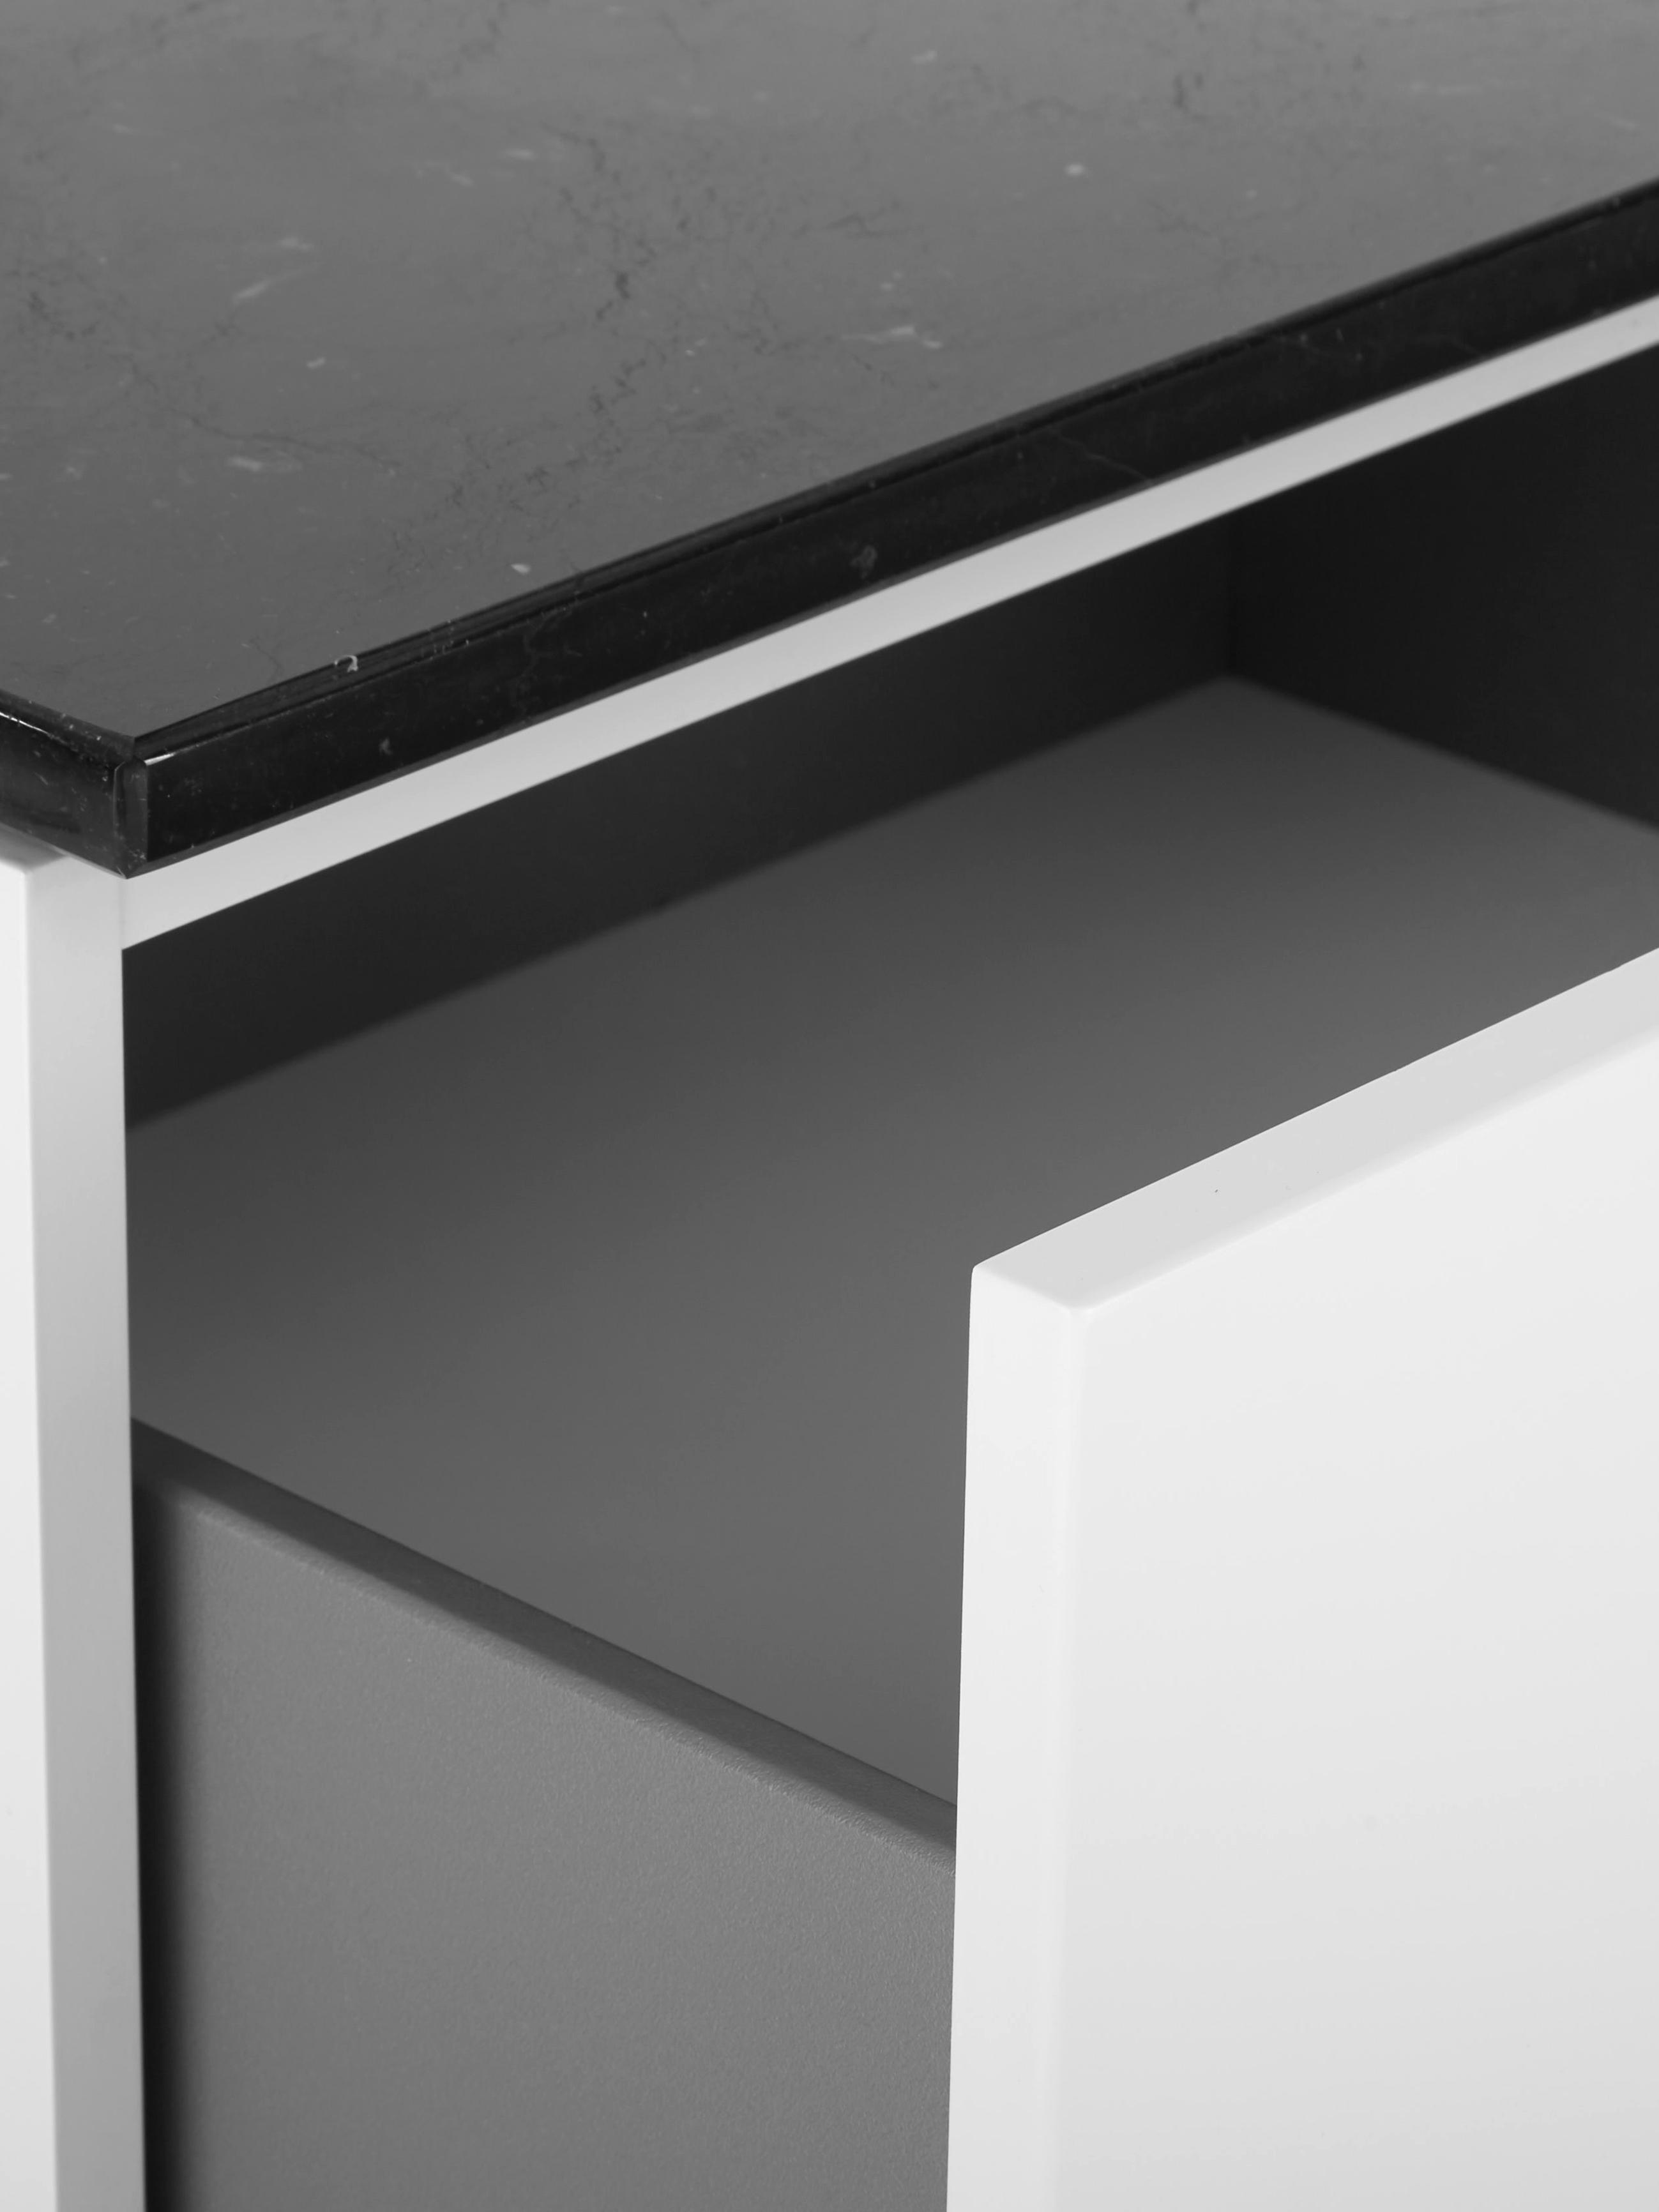 Sideboard Join mit schwarzer Marmorplatte, Ablagefläche: Marmor, Korpus: Mitteldichte Holzfaserpla, Füße: Metall, lackiert, Weiß, Schwarz, 160 x 66 cm